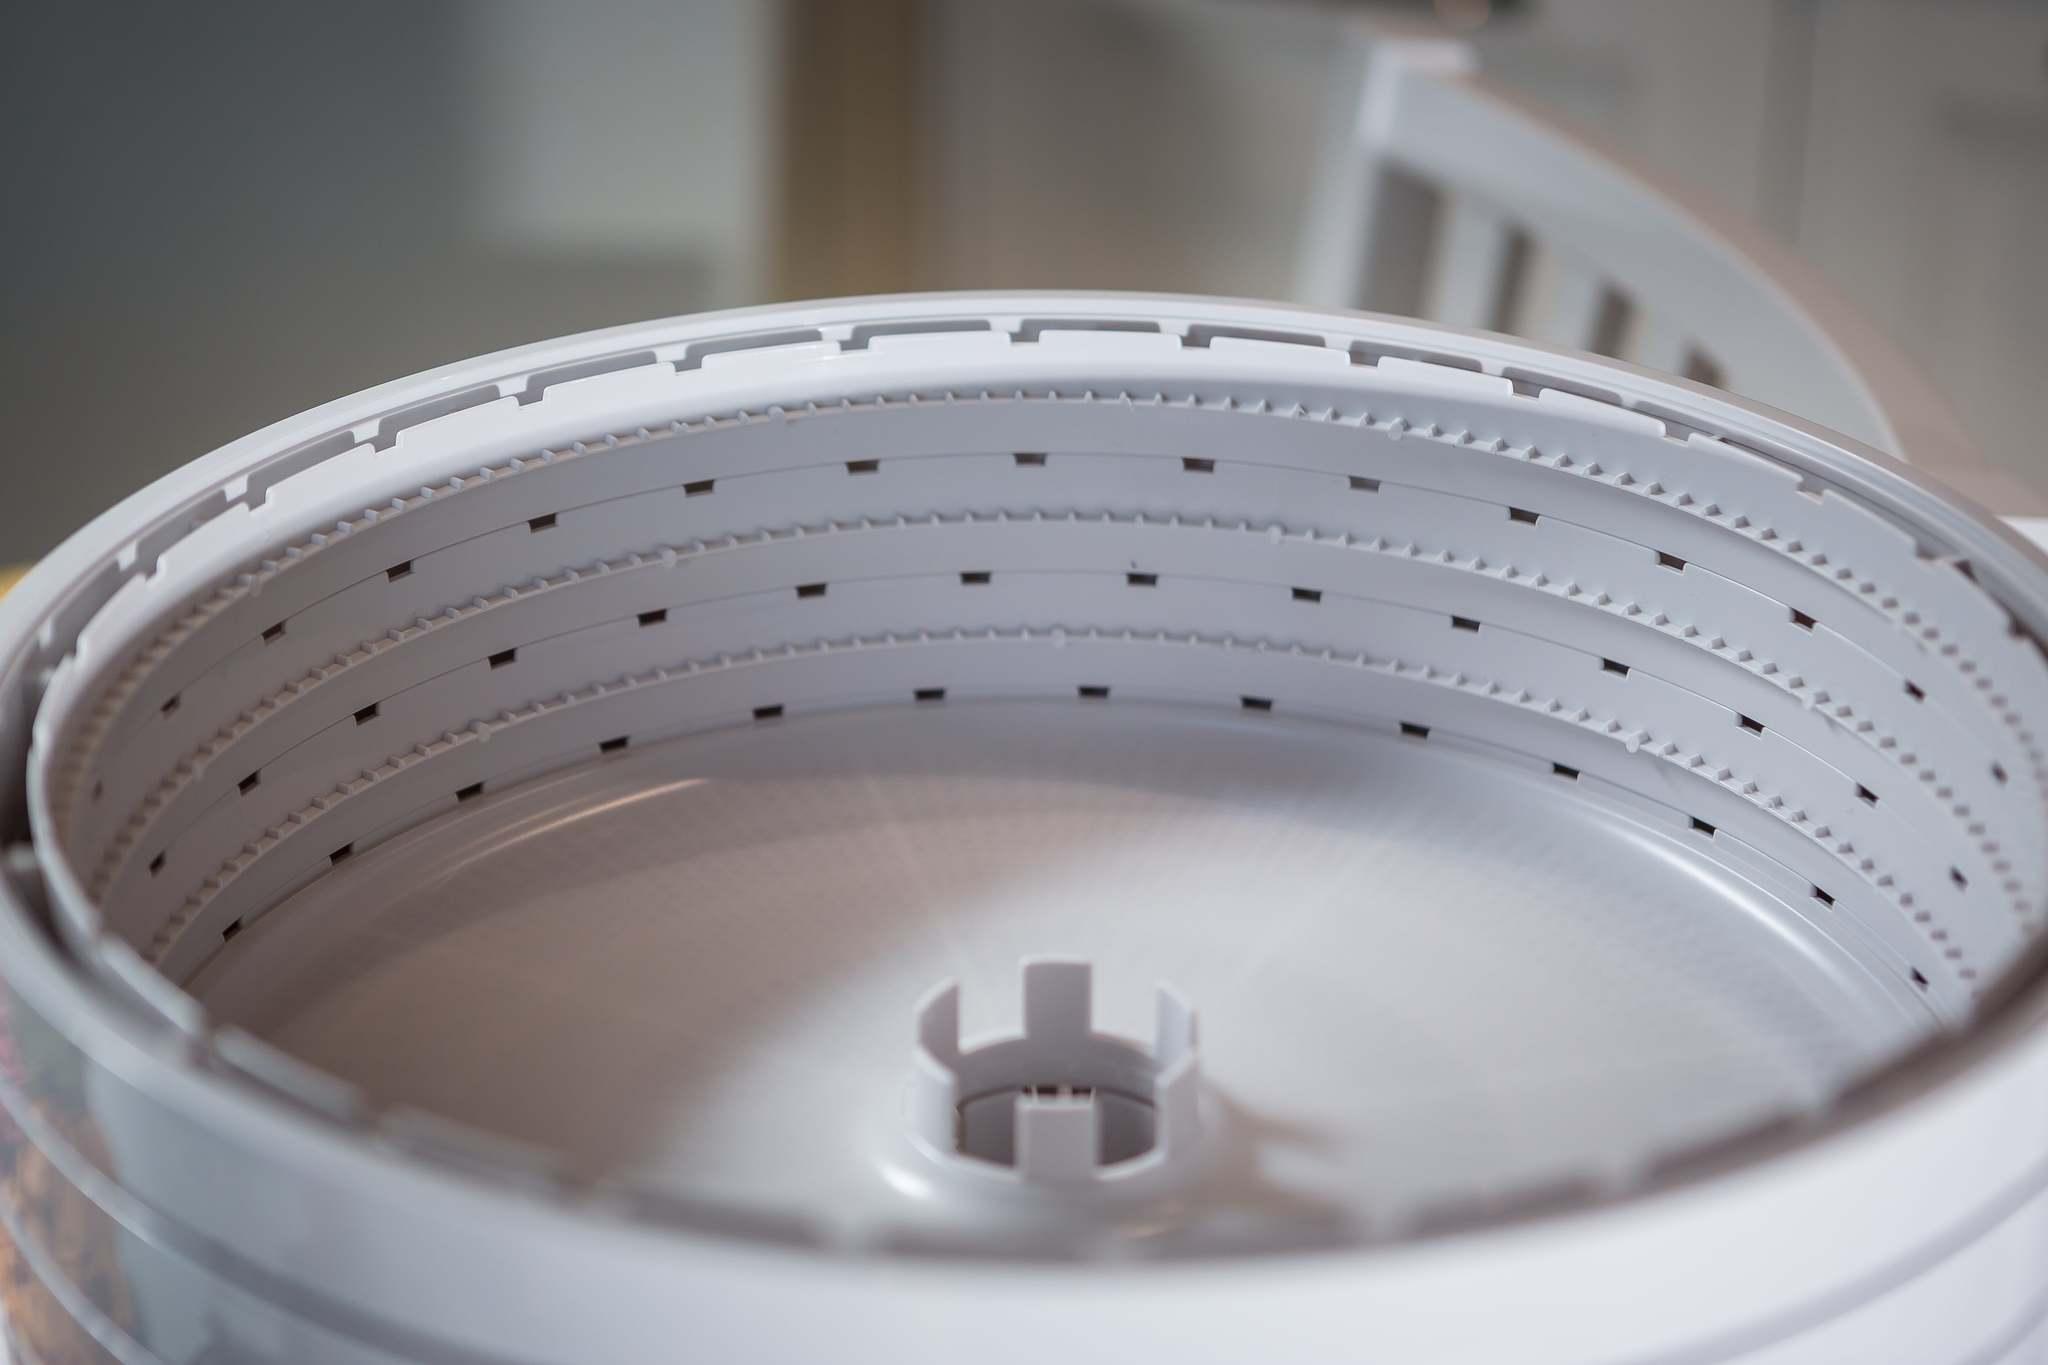 Полый поддон для дегидратора Ezidri Snackmaker FD 100 Digital, подходит для приготовления йогурта в дегидраторе